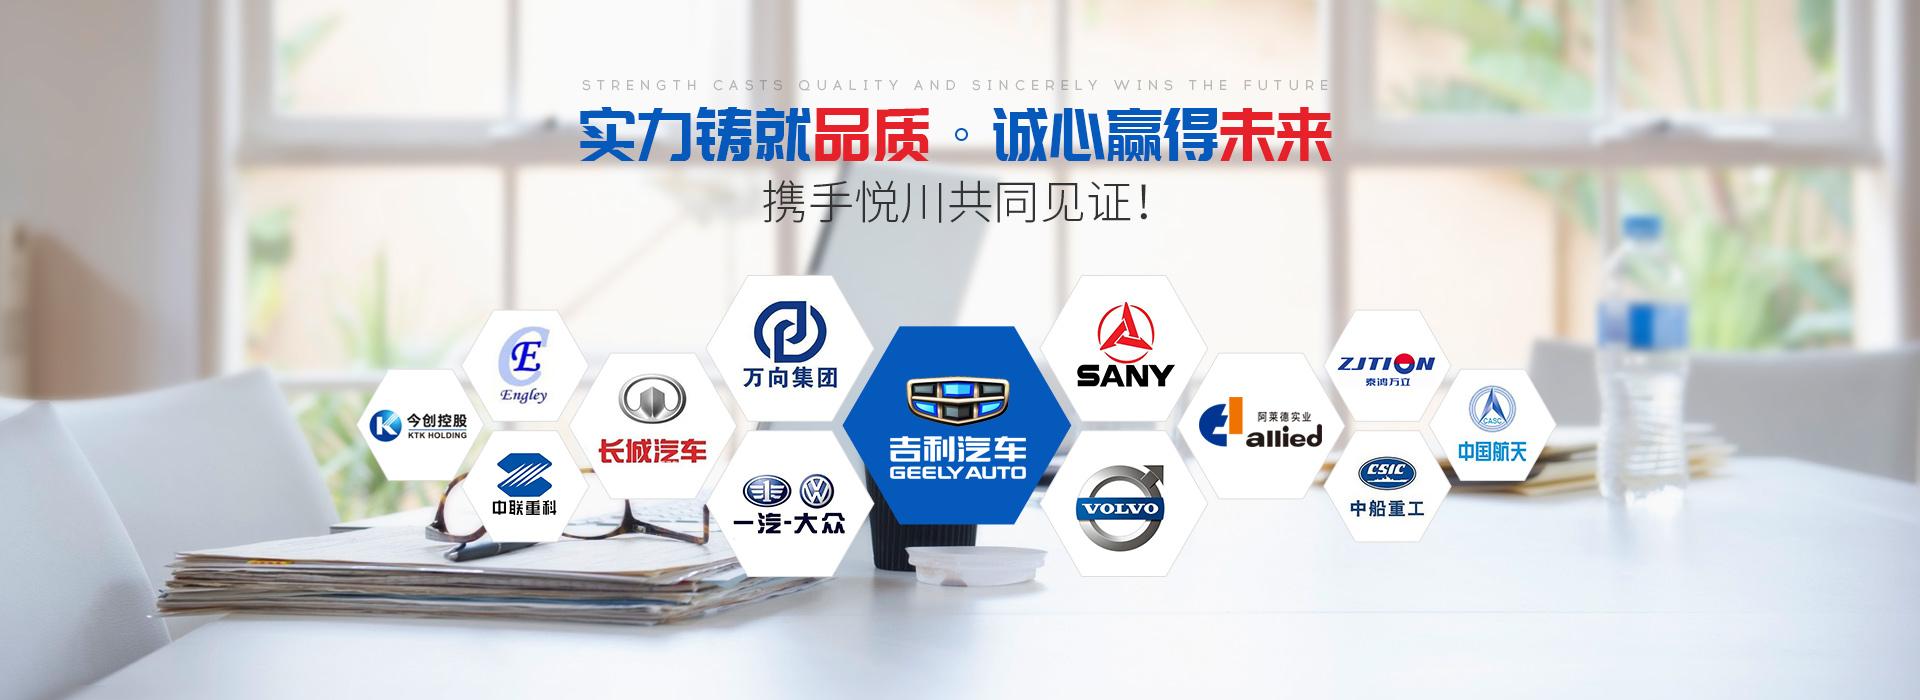 悦川机器人-实力铸就品质,诚心赢得未来